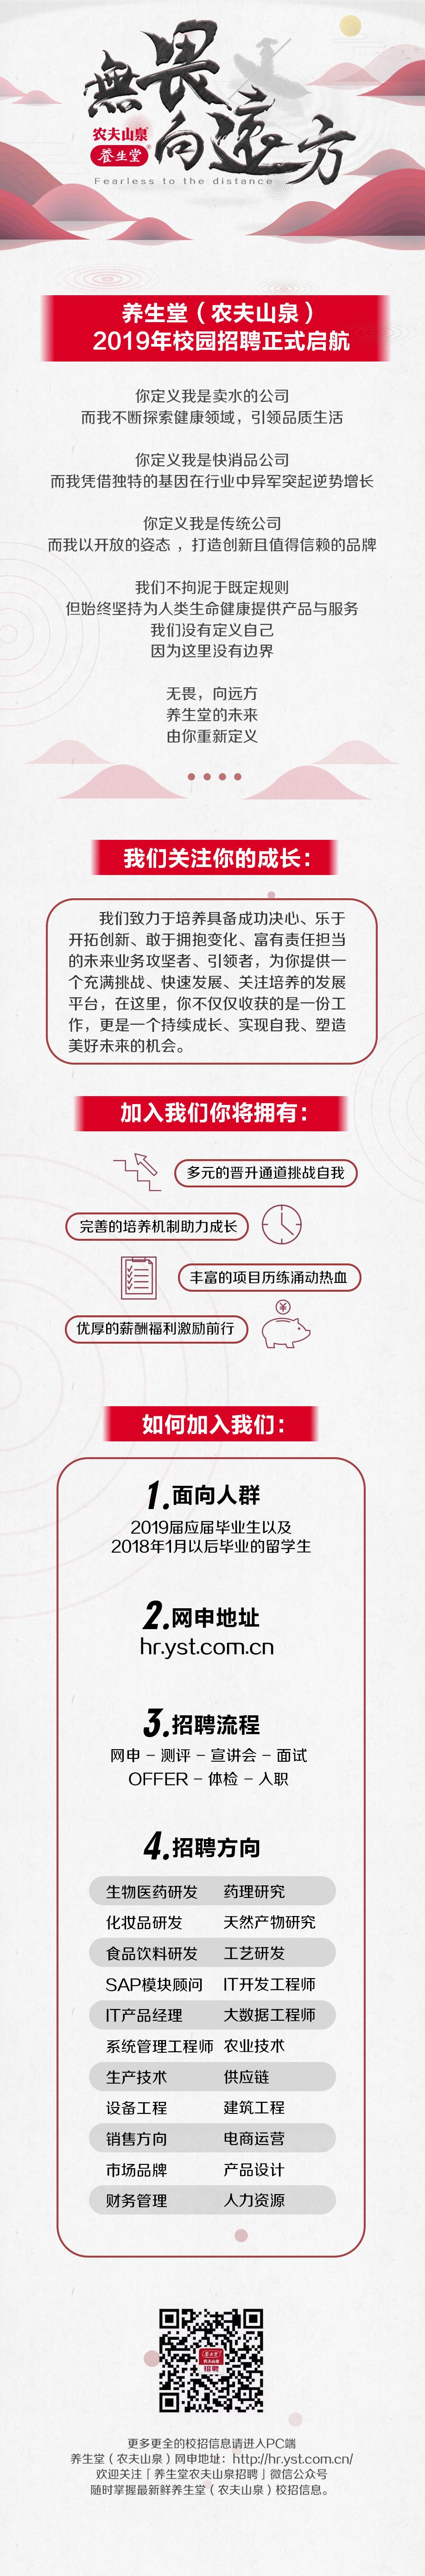 招聘简章(1).jpg